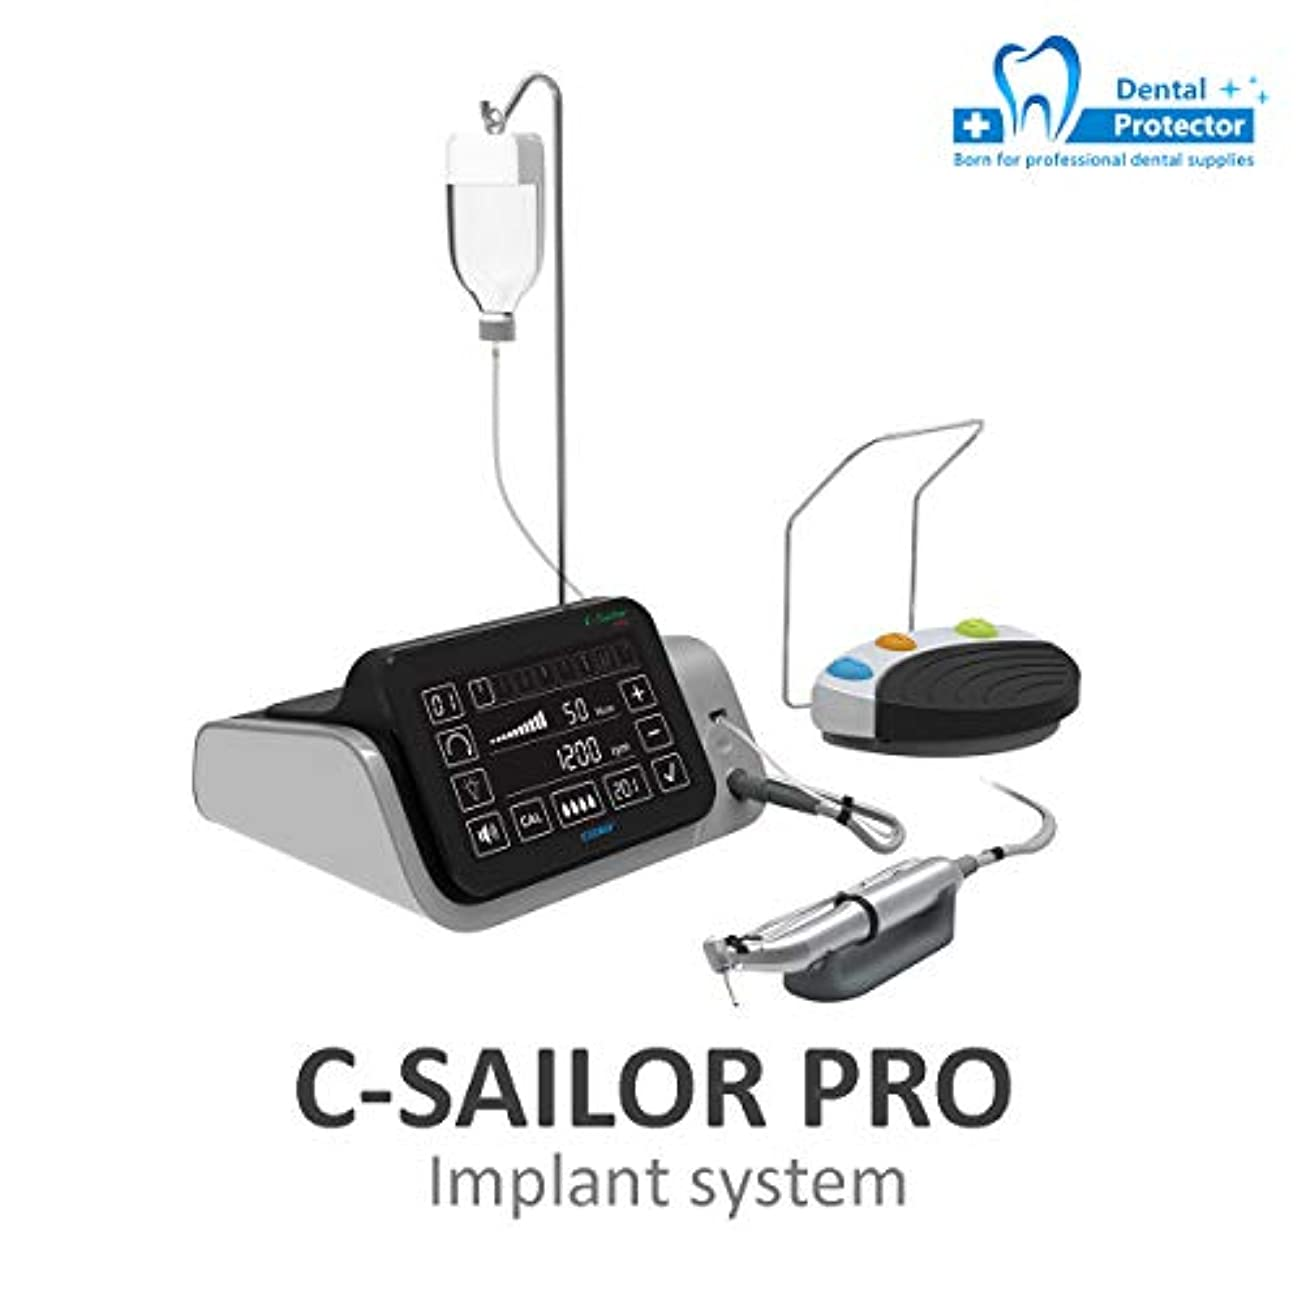 COXO 歯科インプラントモーター、 C-Sailor Pro 歯科用フィジカルサージカルモーター 1つの80 N.cmの対照的な角度を使って 強い力、 光ファイバーLEDライト タッチスクリーン制御